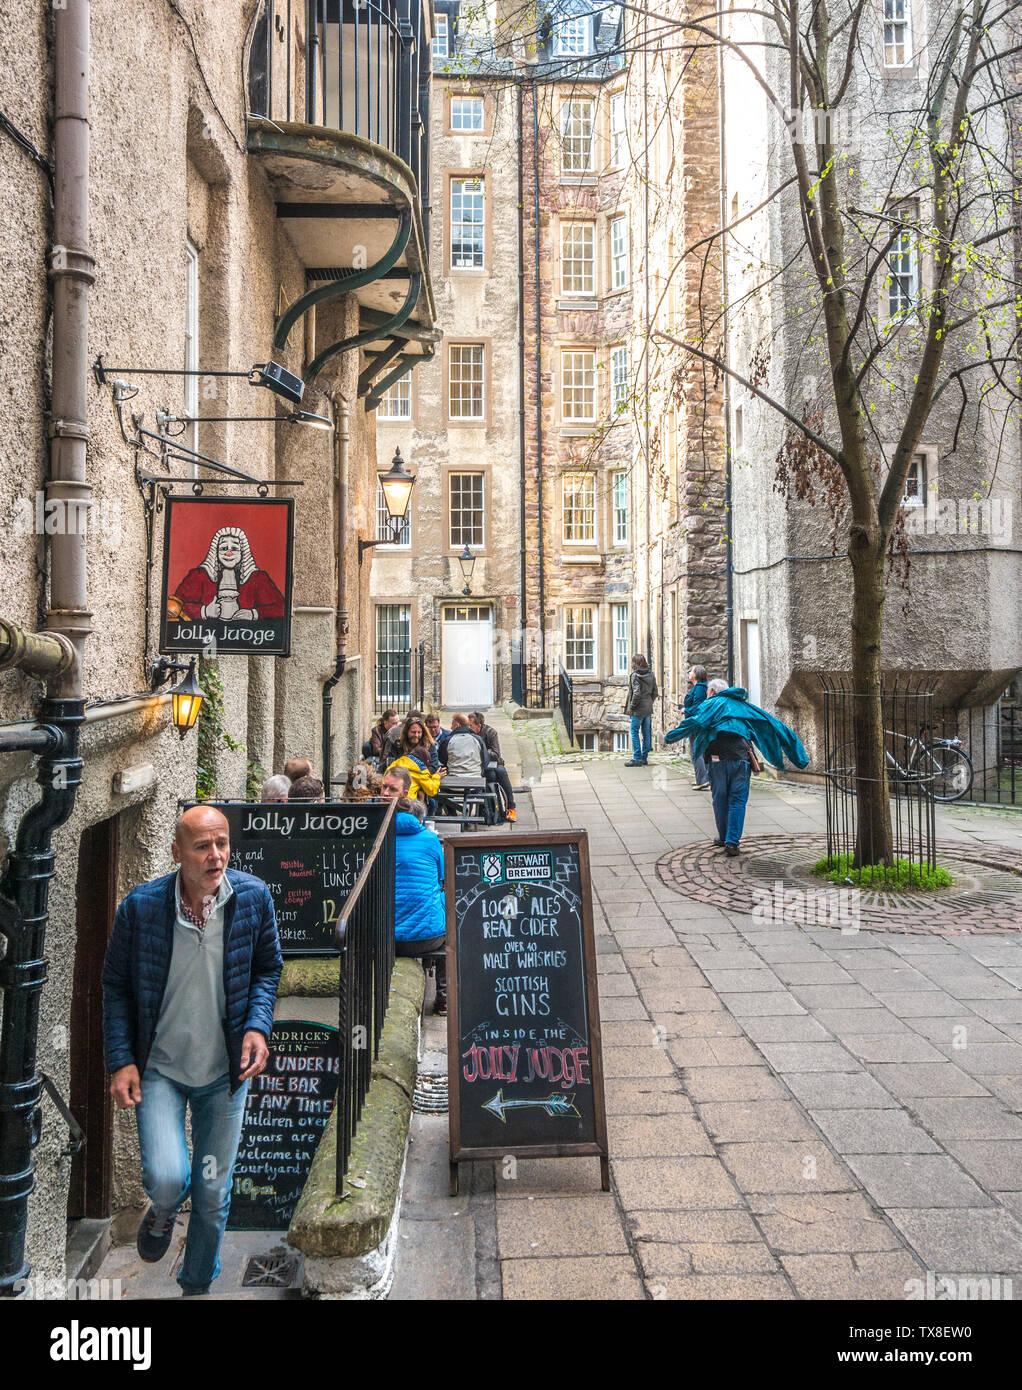 Il Jolly giudice pub, con gente seduta ai tavoli esterni in un cortile di multipiano stone tenement edifici, nella Vecchia Edimburgo, Scozia, Regno Unito. Immagini Stock